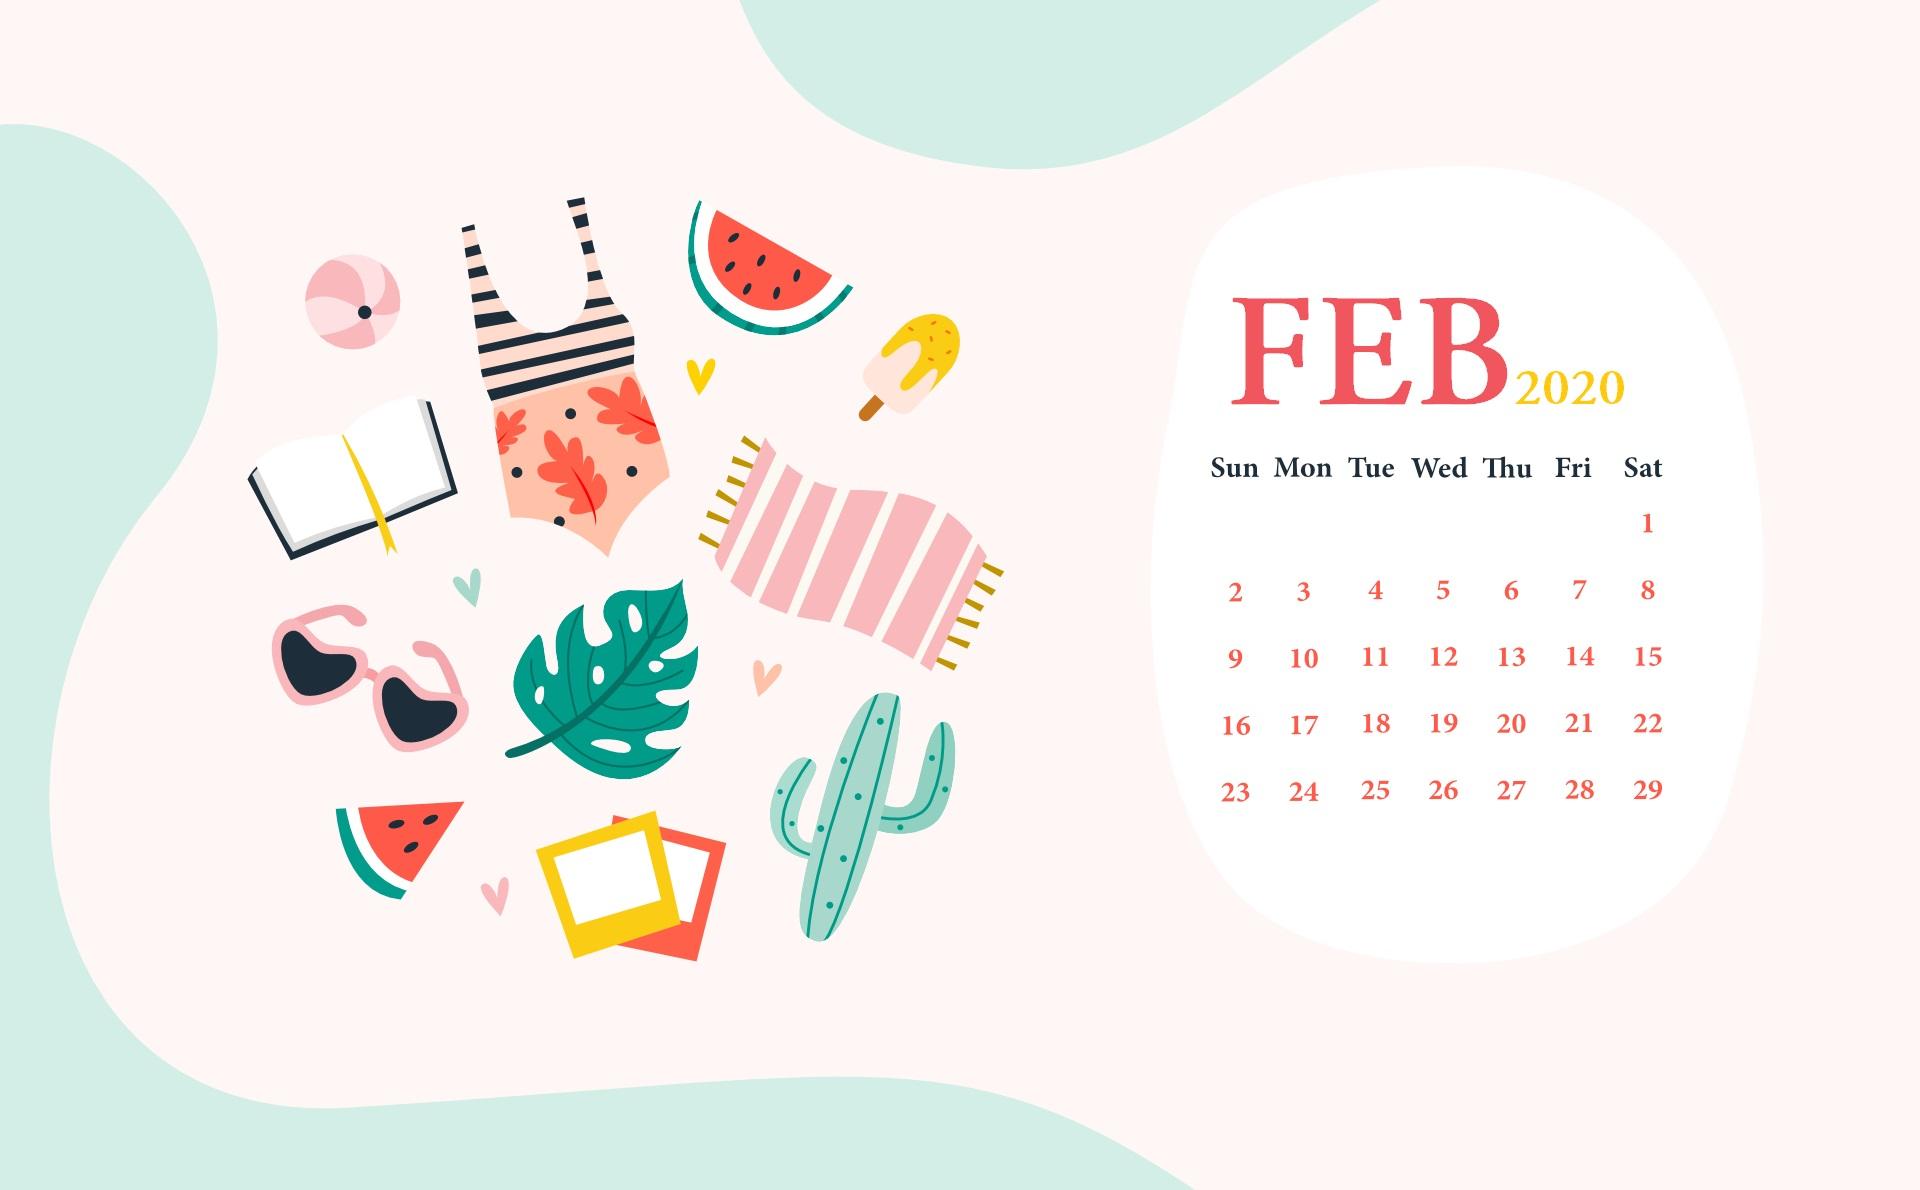 February 2020 Screensaver Calendar